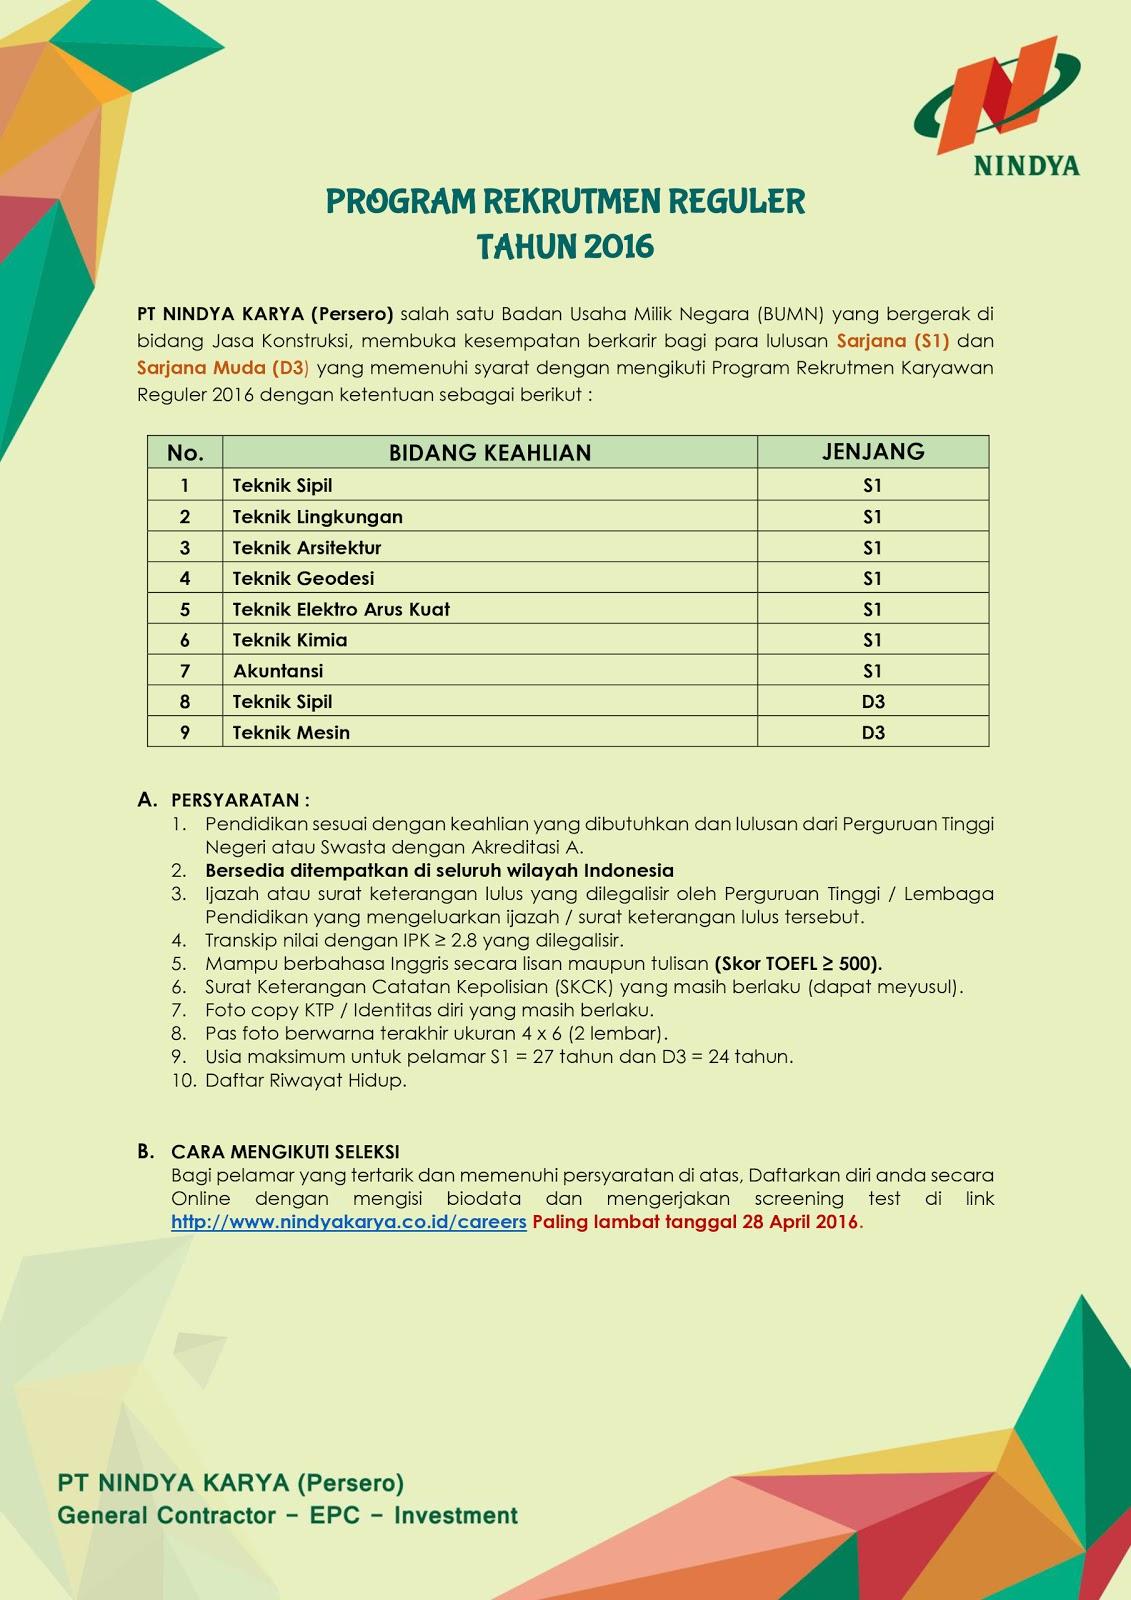 PT.Nindya Karya (Persero) - Rekrutmen Reguler Tahun 2016